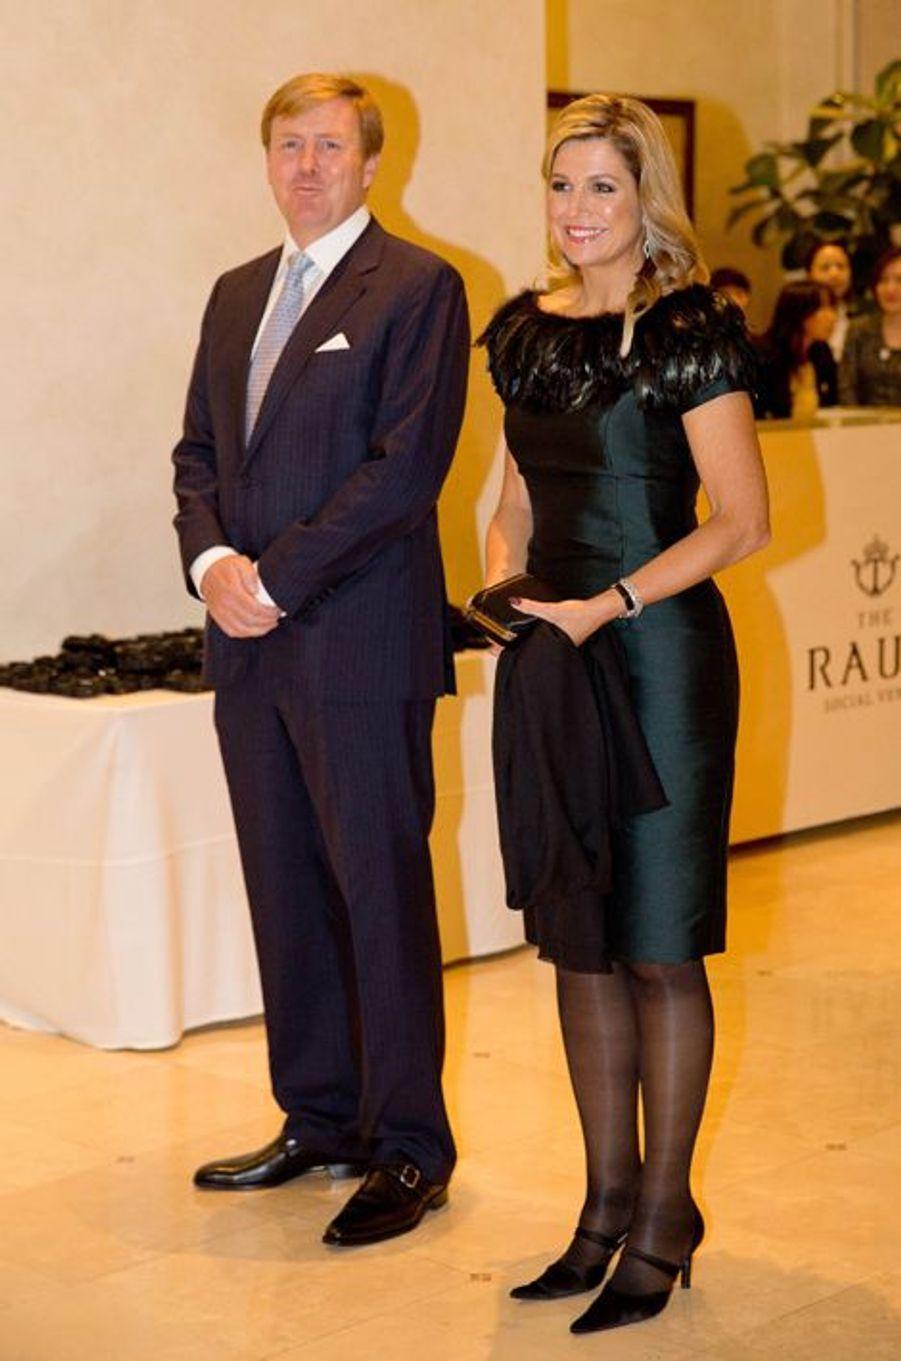 Le roi Willem-Alexander des Pays-Bas et la reine Maxima au concert de Lavinia Meijer à Séoul, le 4 novembre 2014